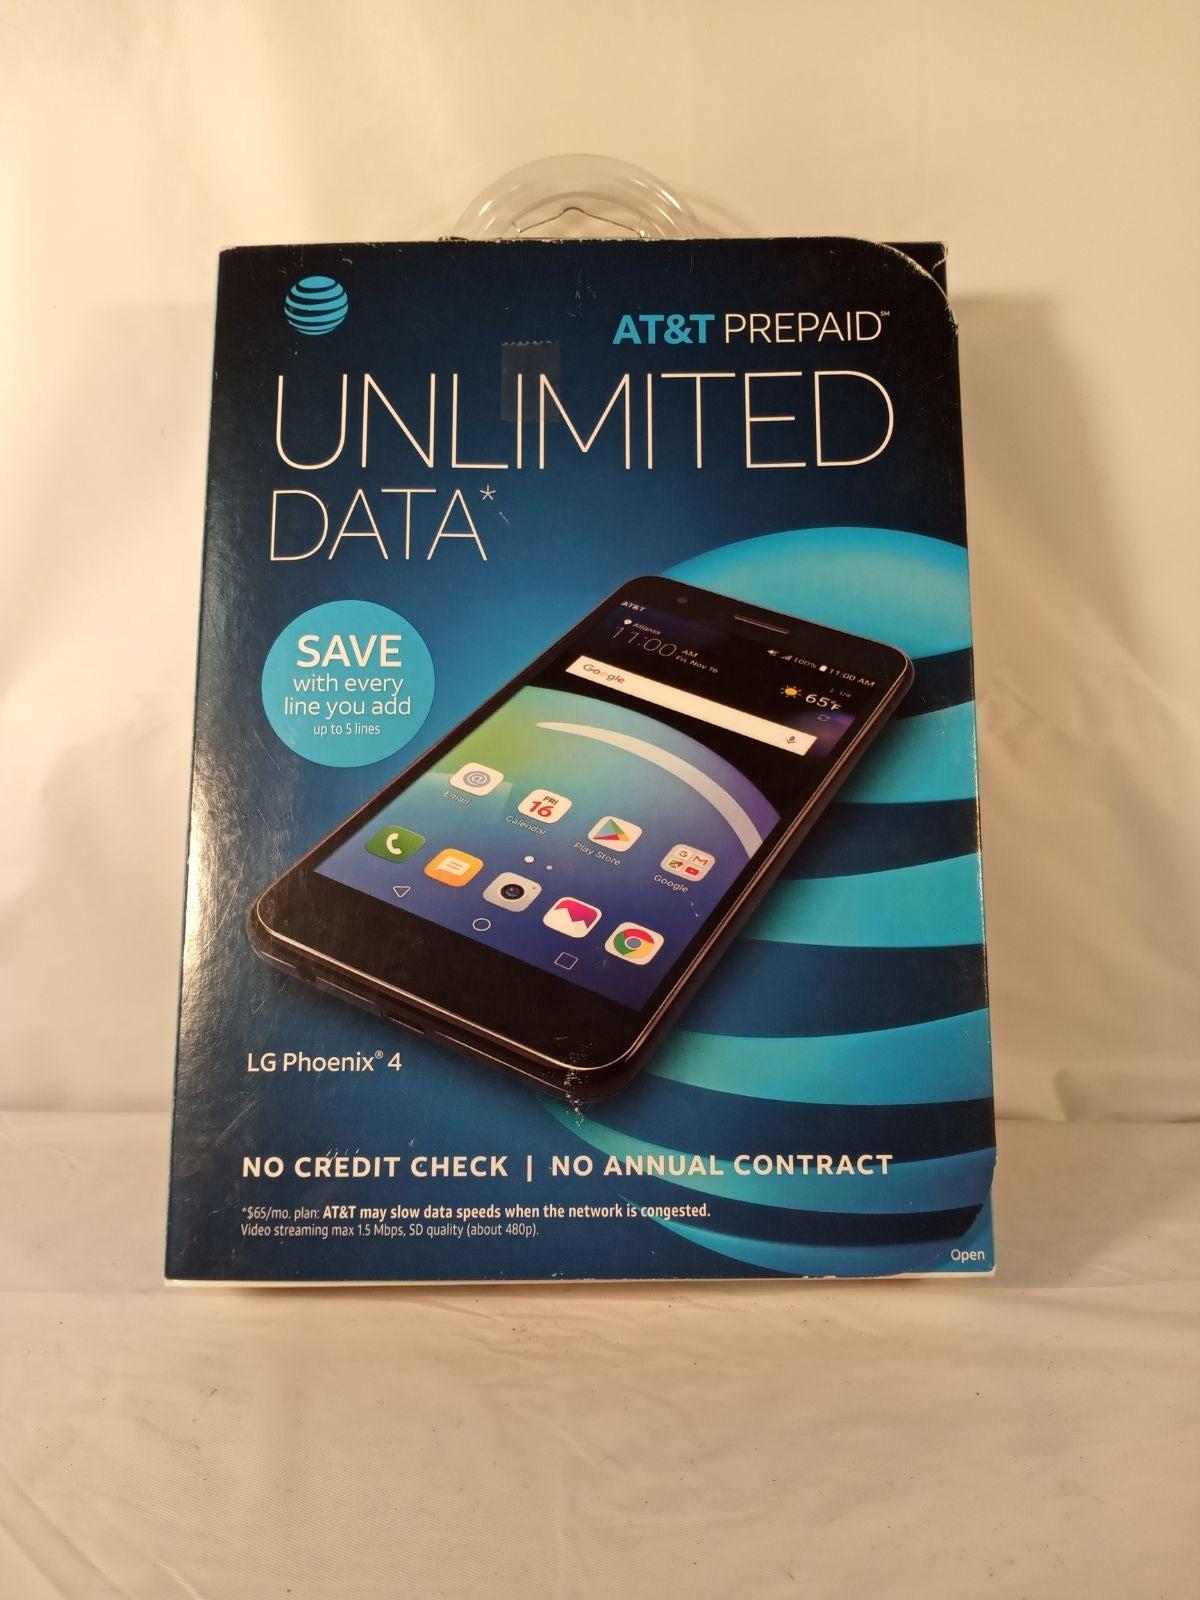 AT&T Prepaid LG Phoenix 4 Smartphone